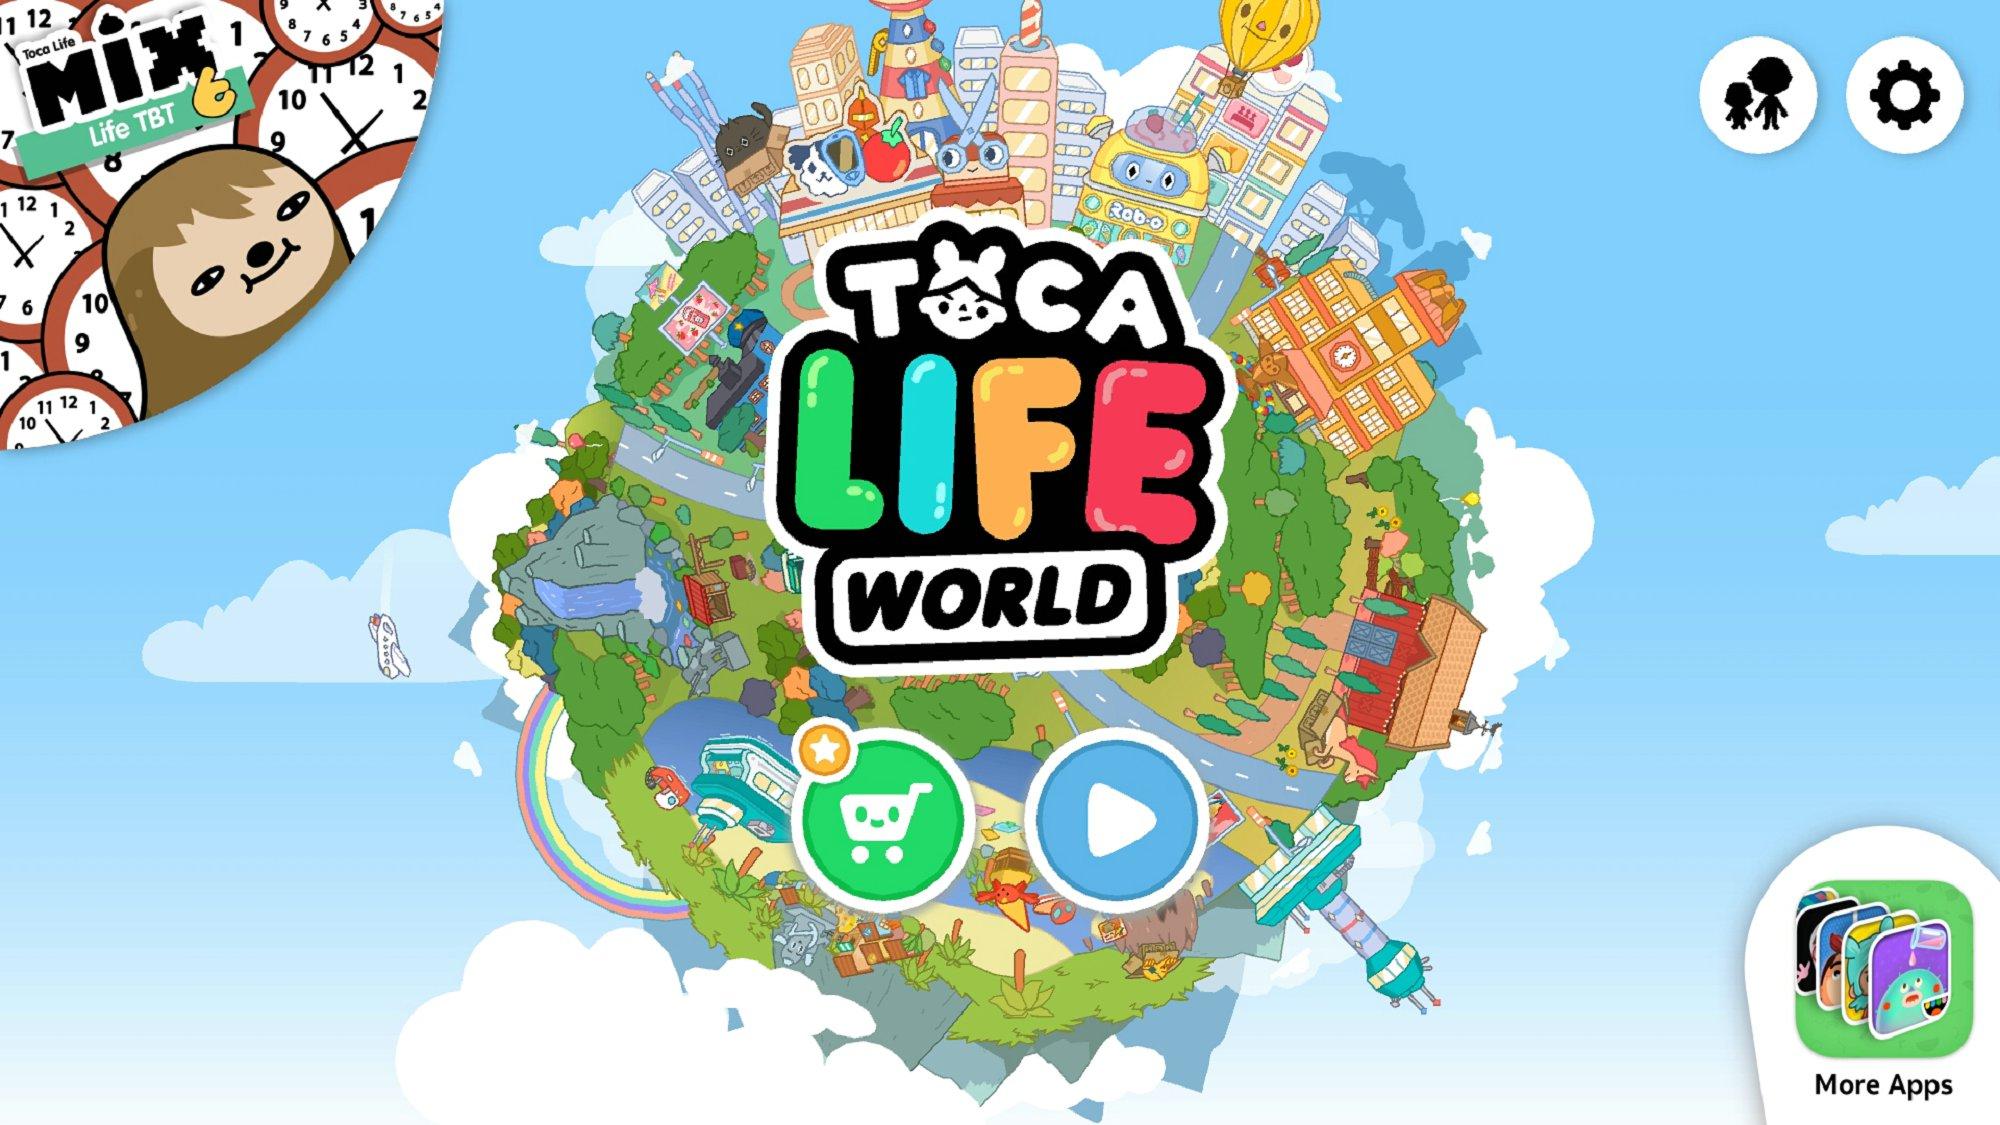 托卡生活世界 v1.0.4图